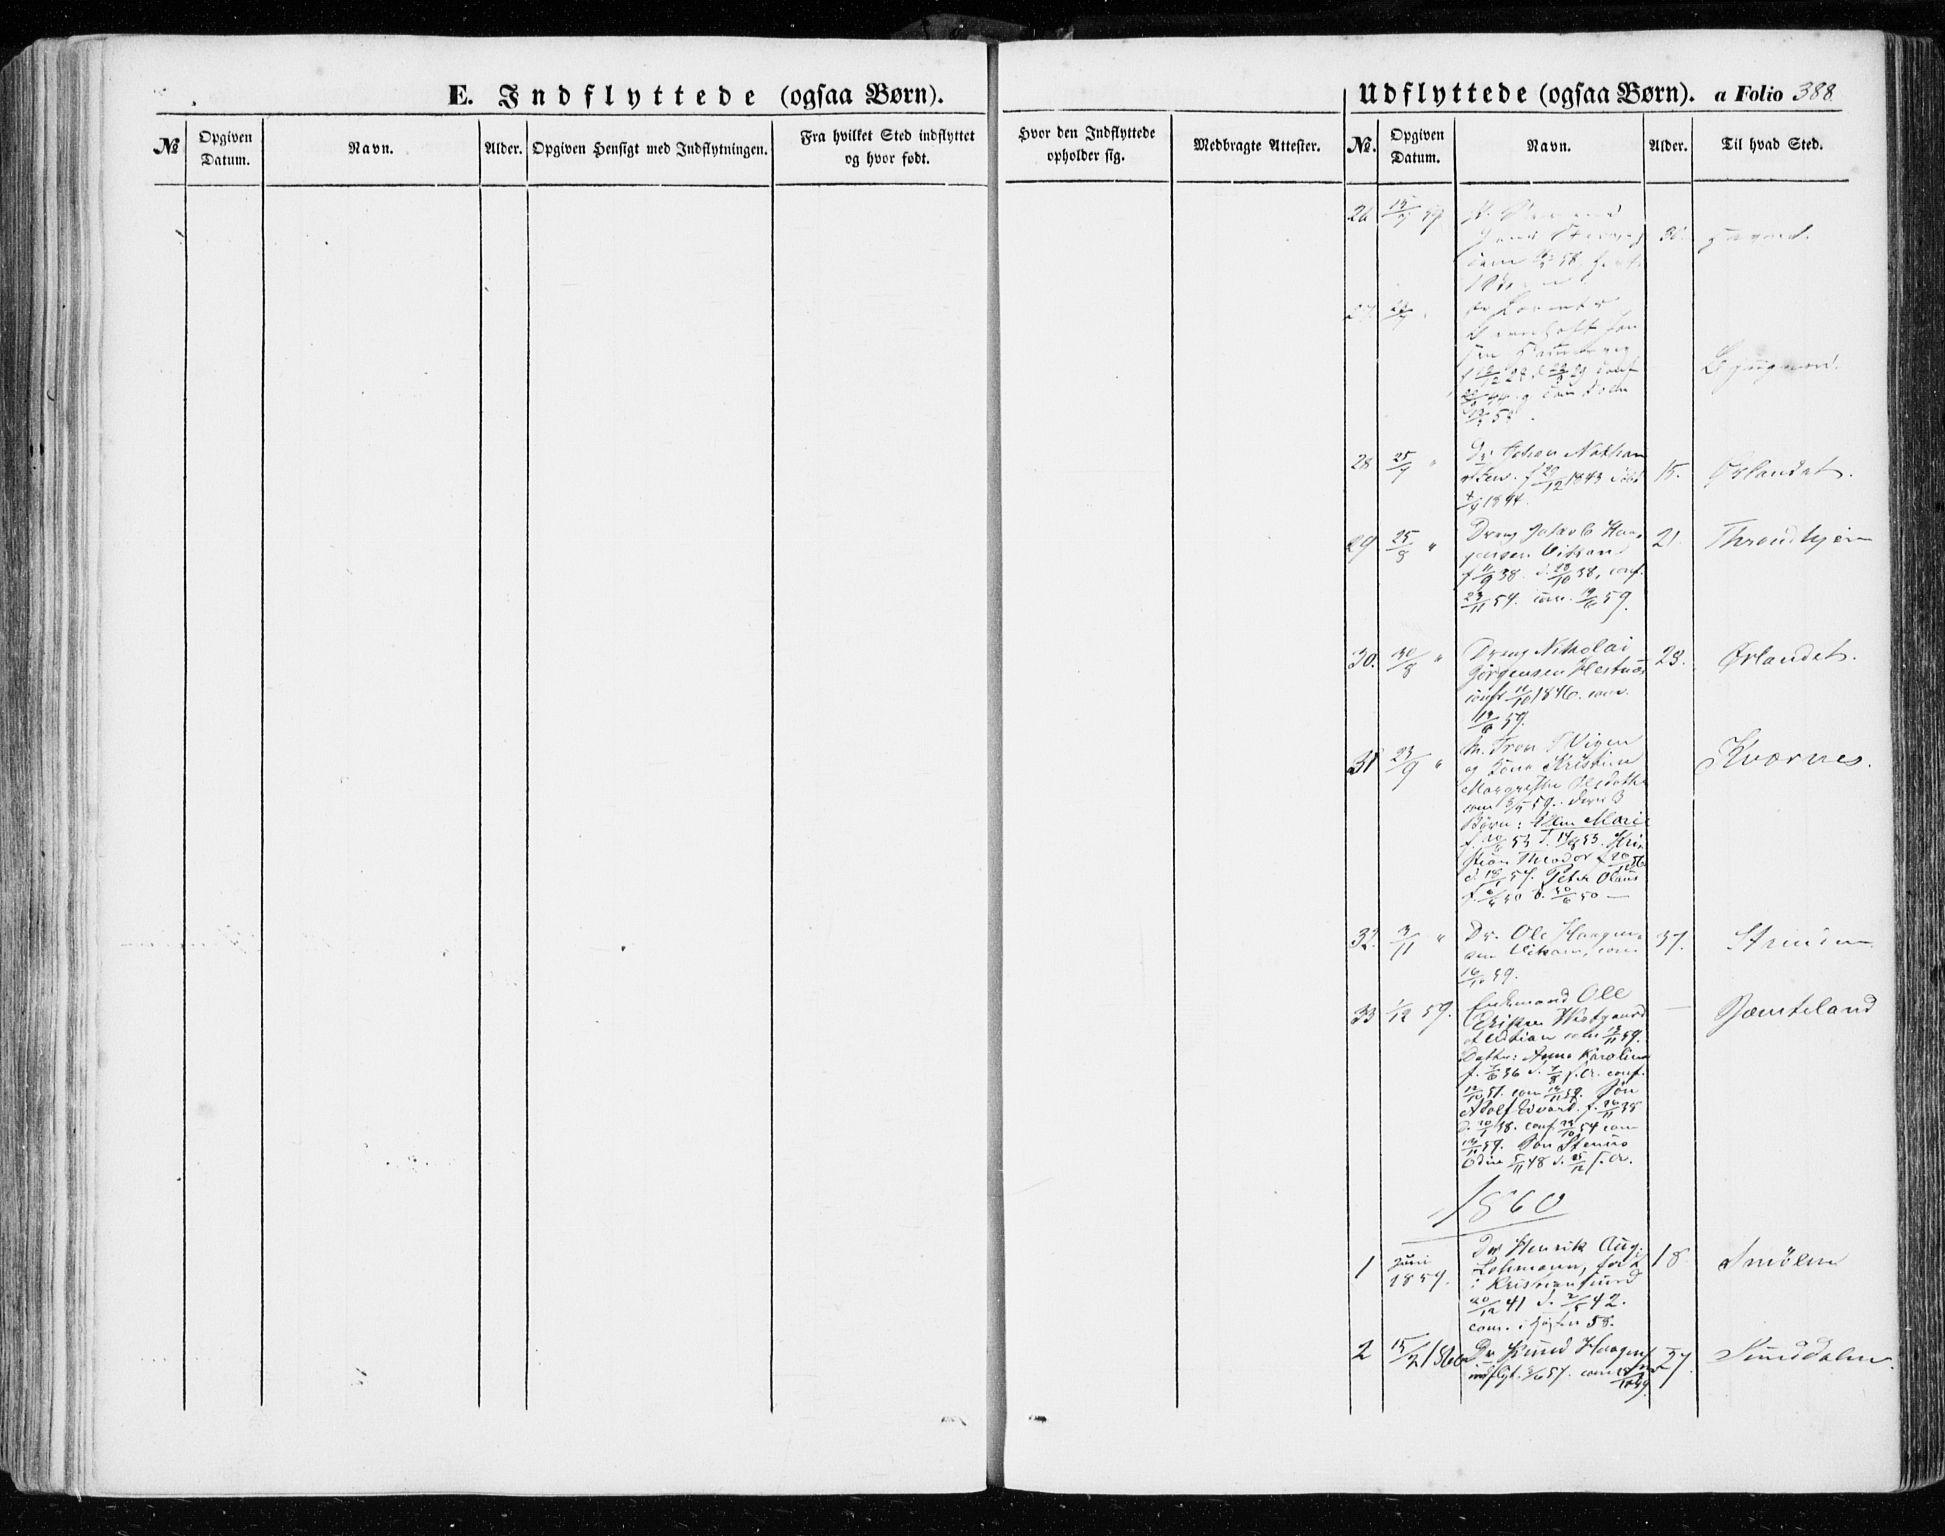 SAT, Ministerialprotokoller, klokkerbøker og fødselsregistre - Sør-Trøndelag, 634/L0530: Ministerialbok nr. 634A06, 1852-1860, s. 388